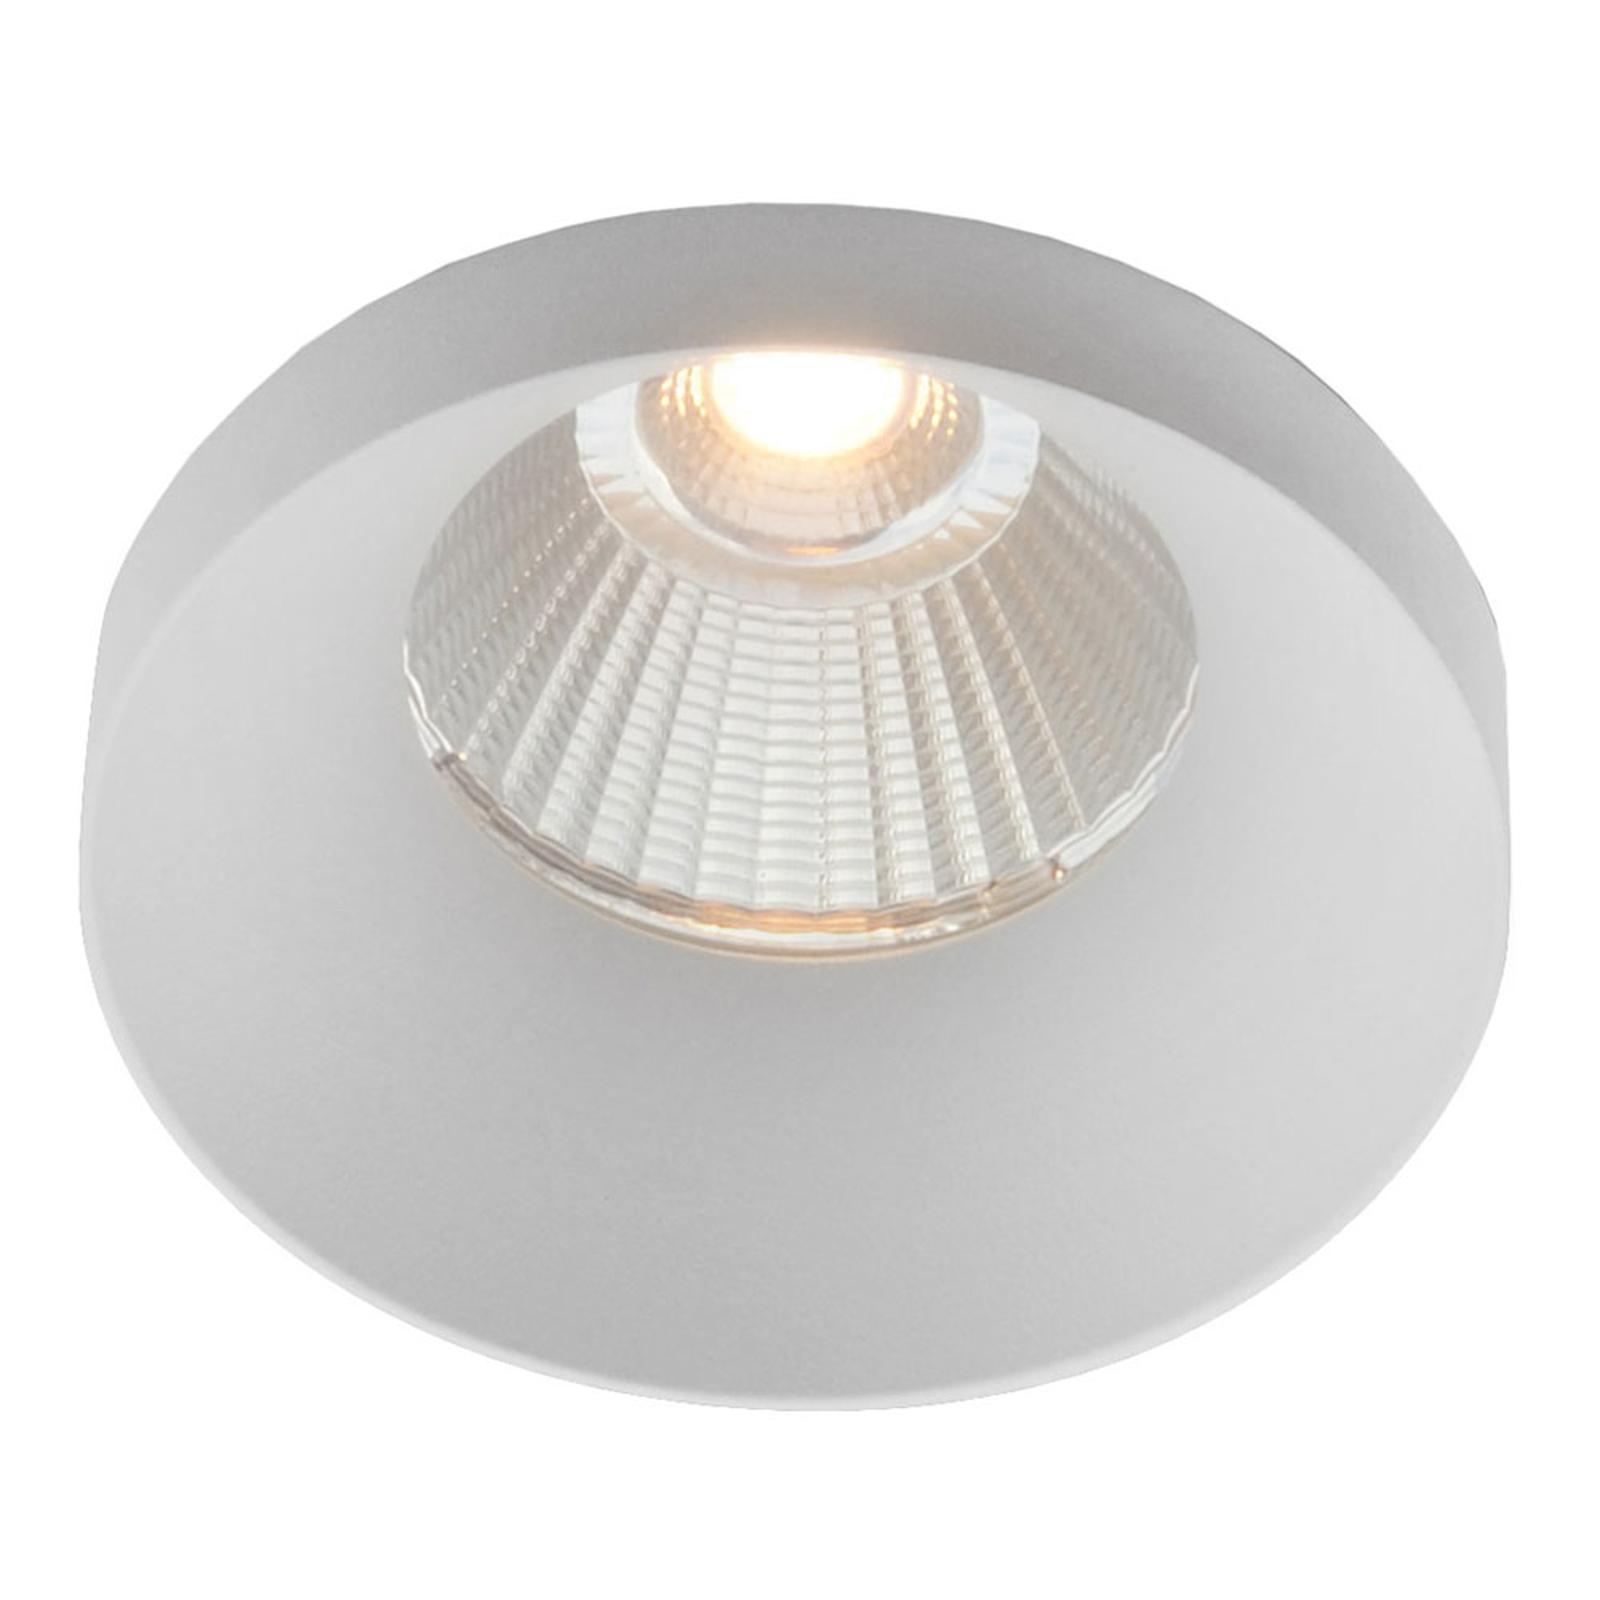 GF design Owi Einbaulampe IP54 weiß 2.700 K